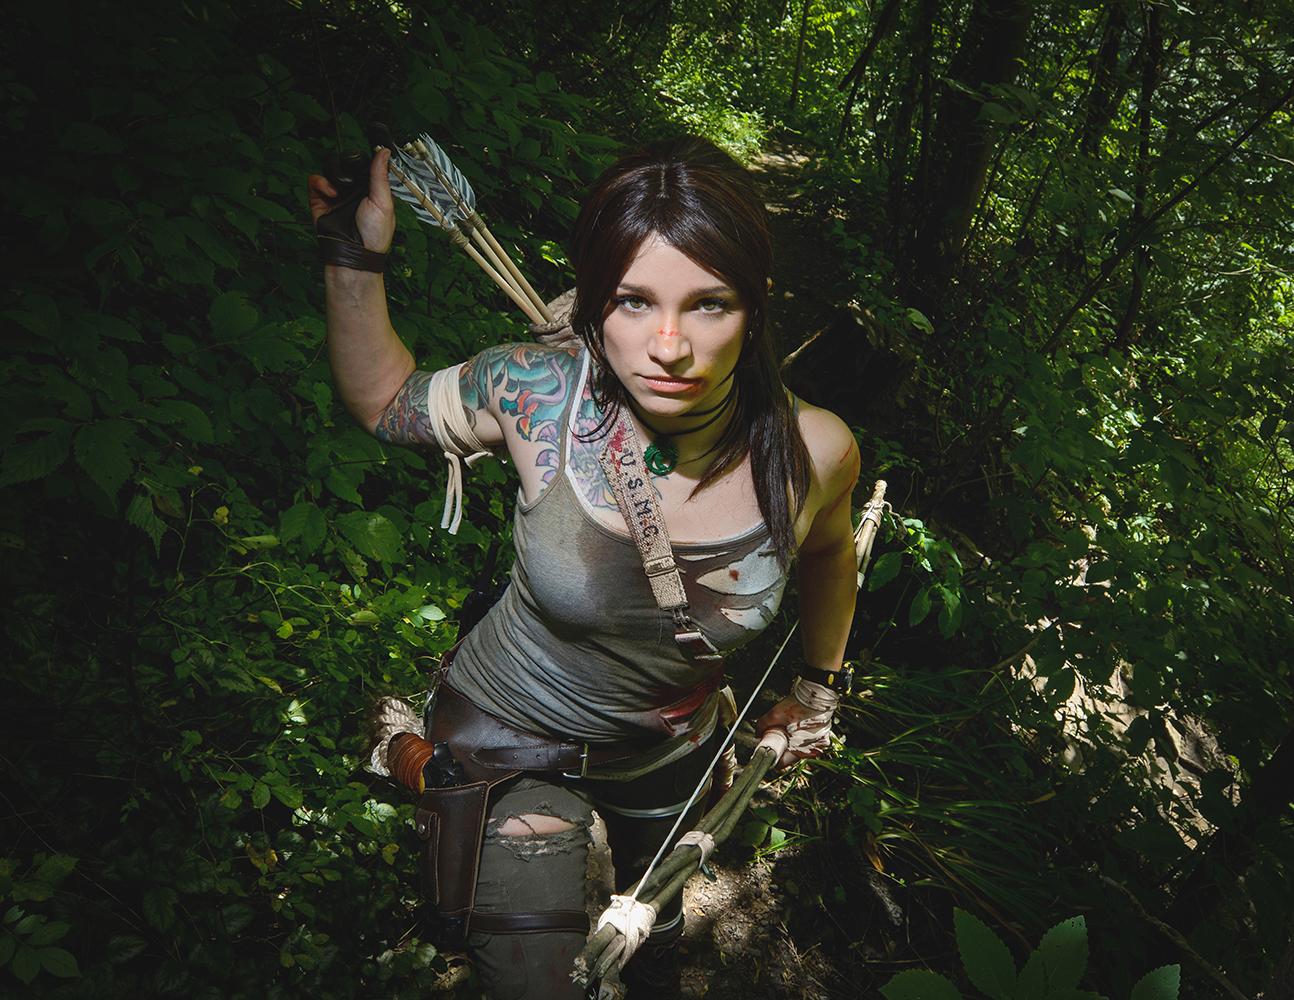 Lara Croft by Annie Graves / Photo: PHOTOGEMZ